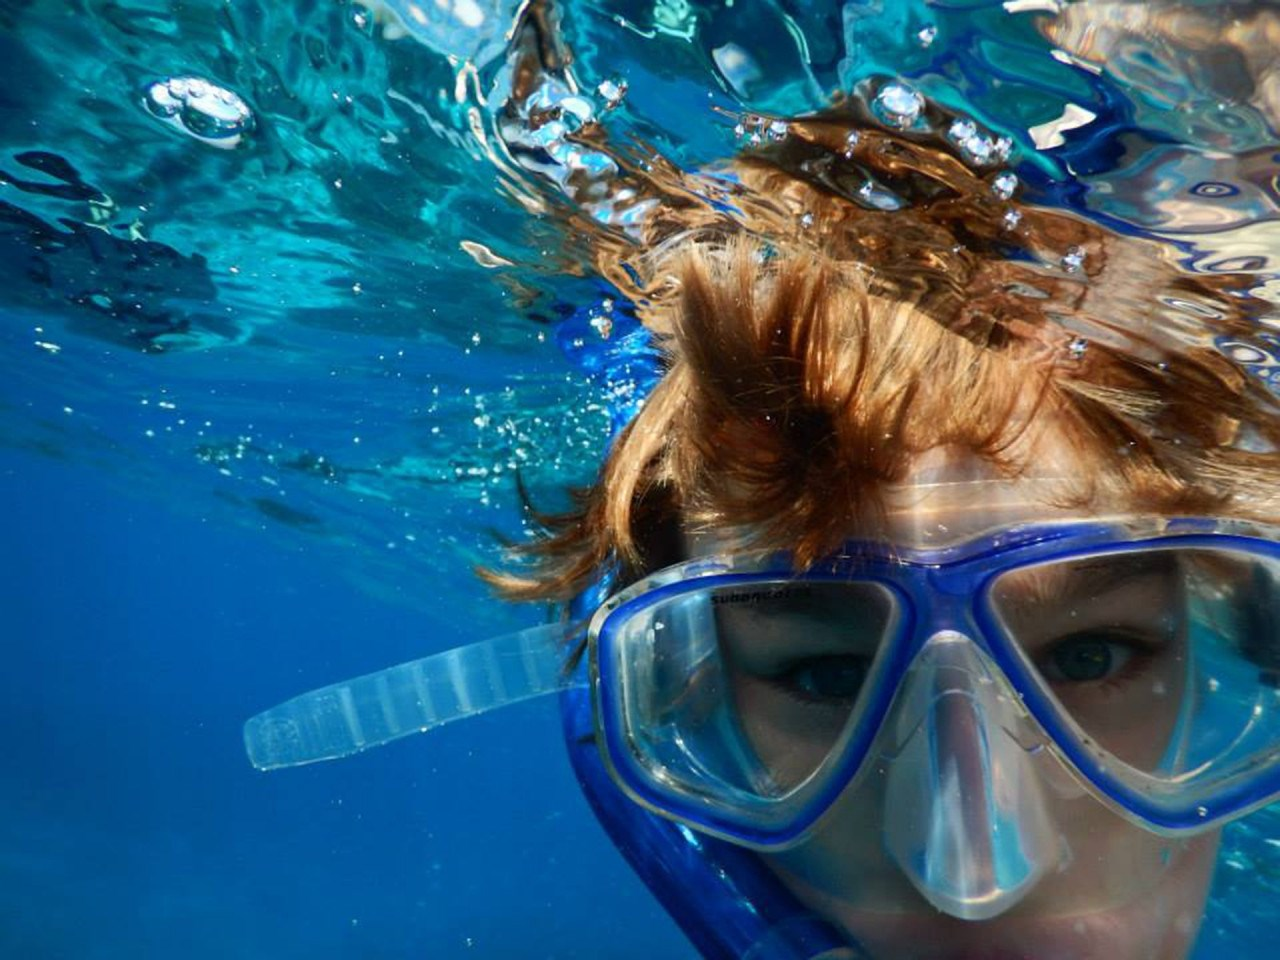 Lặn với ống thở hoặc lặn bình hơi tại Blue Cavern